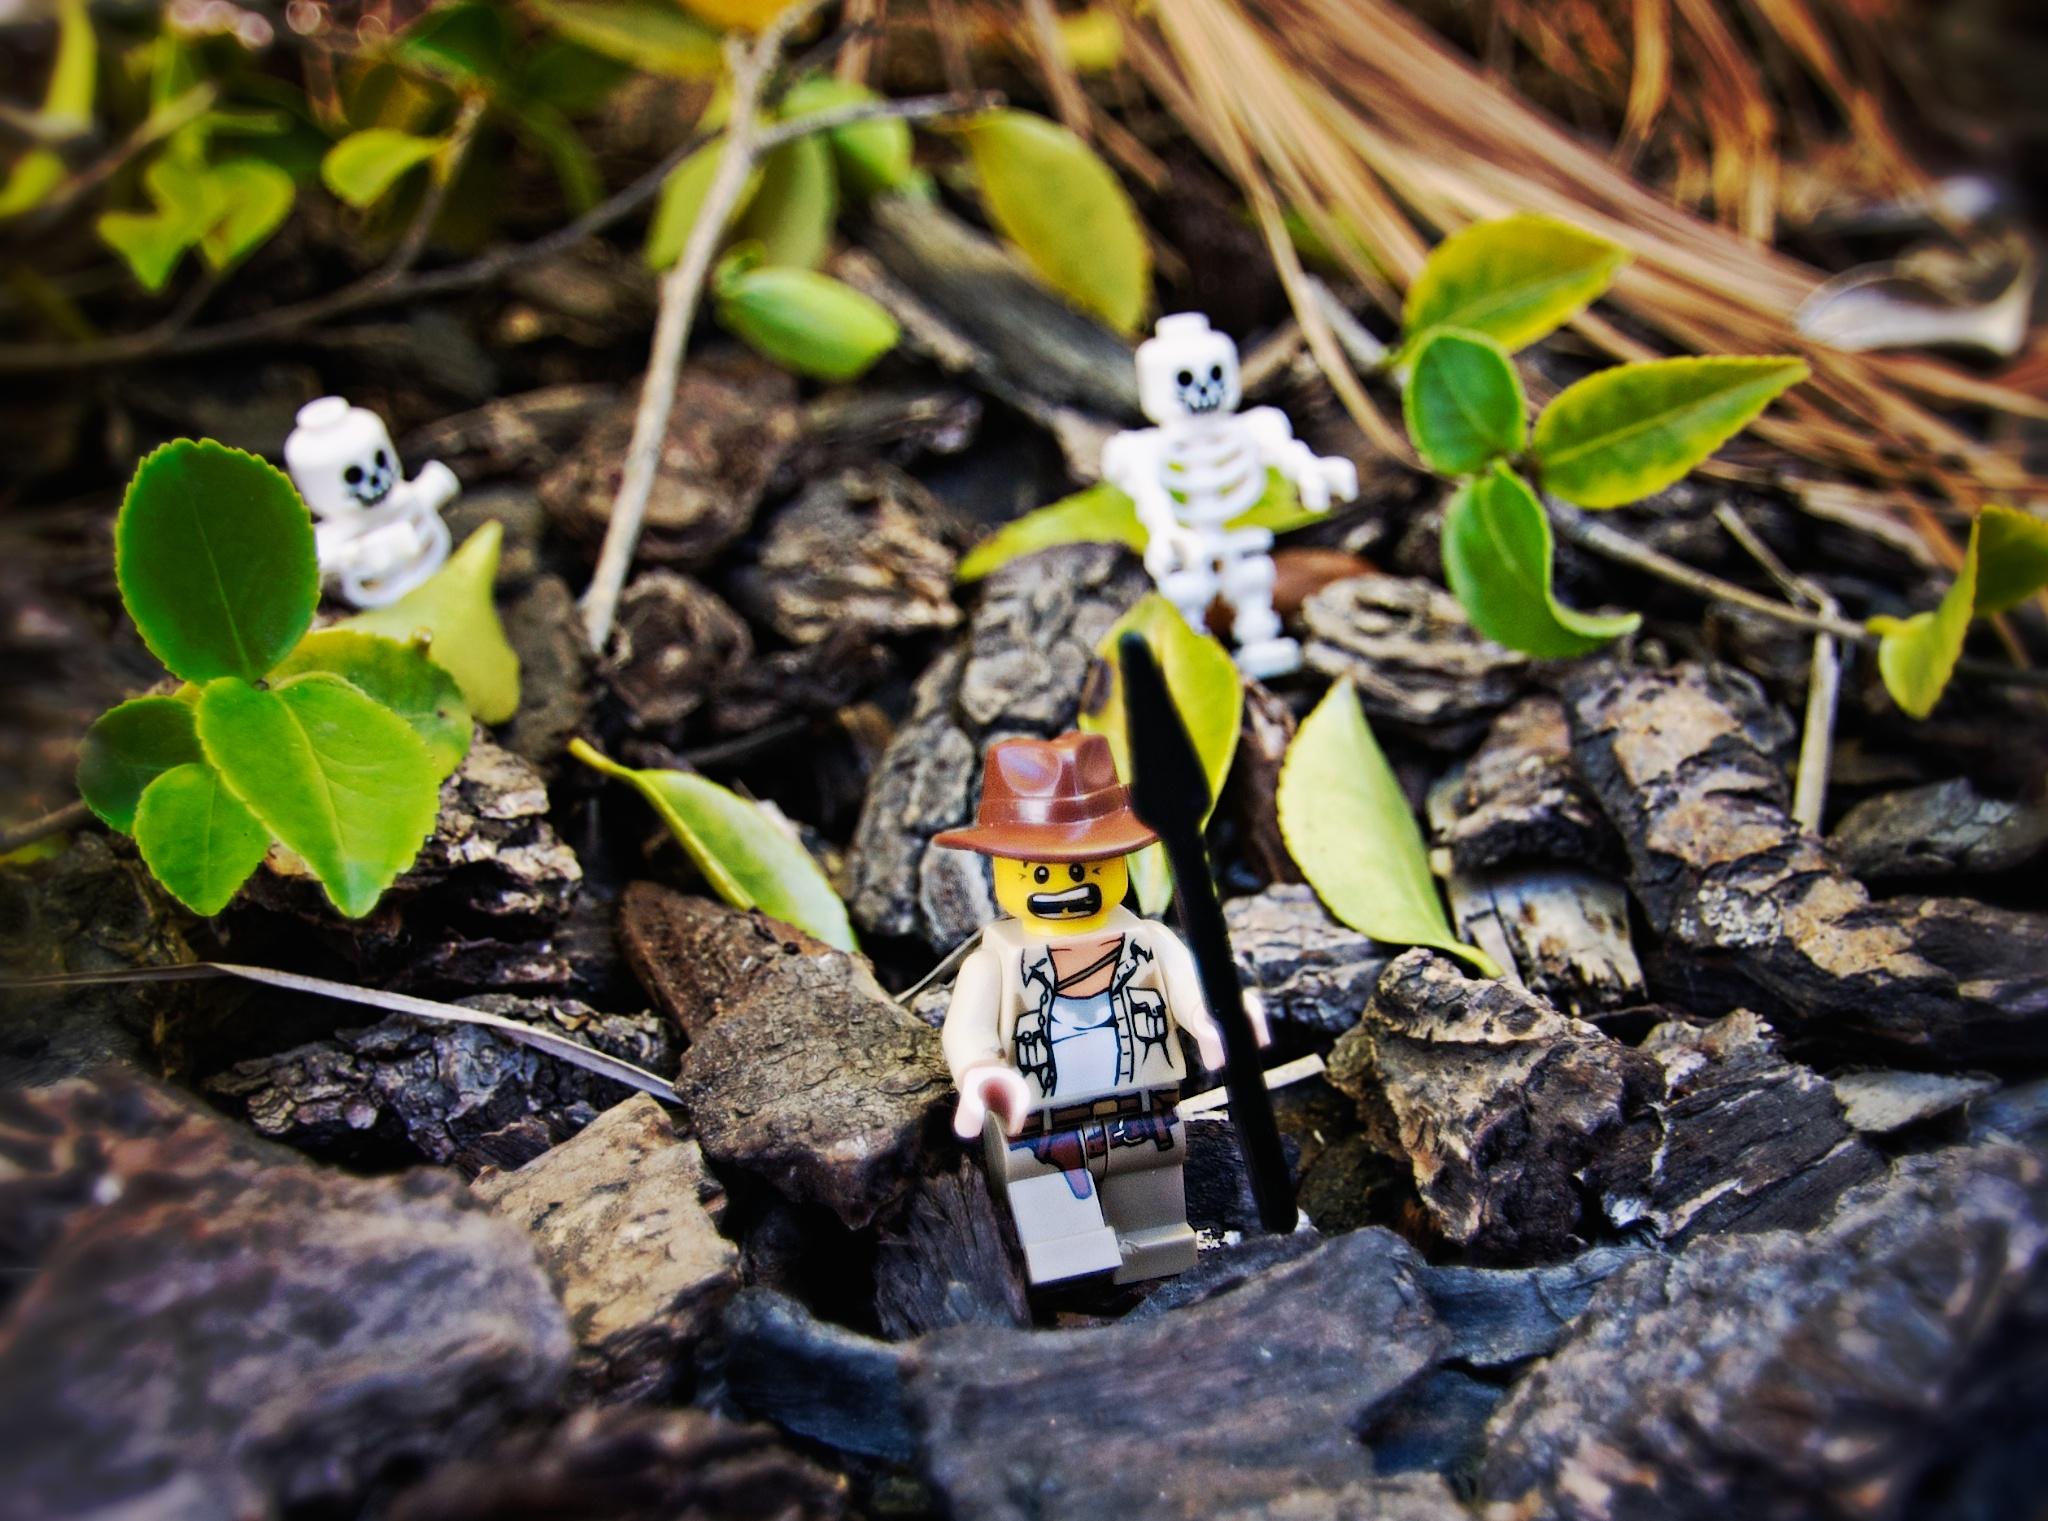 Lego Man / Running From Skeletons